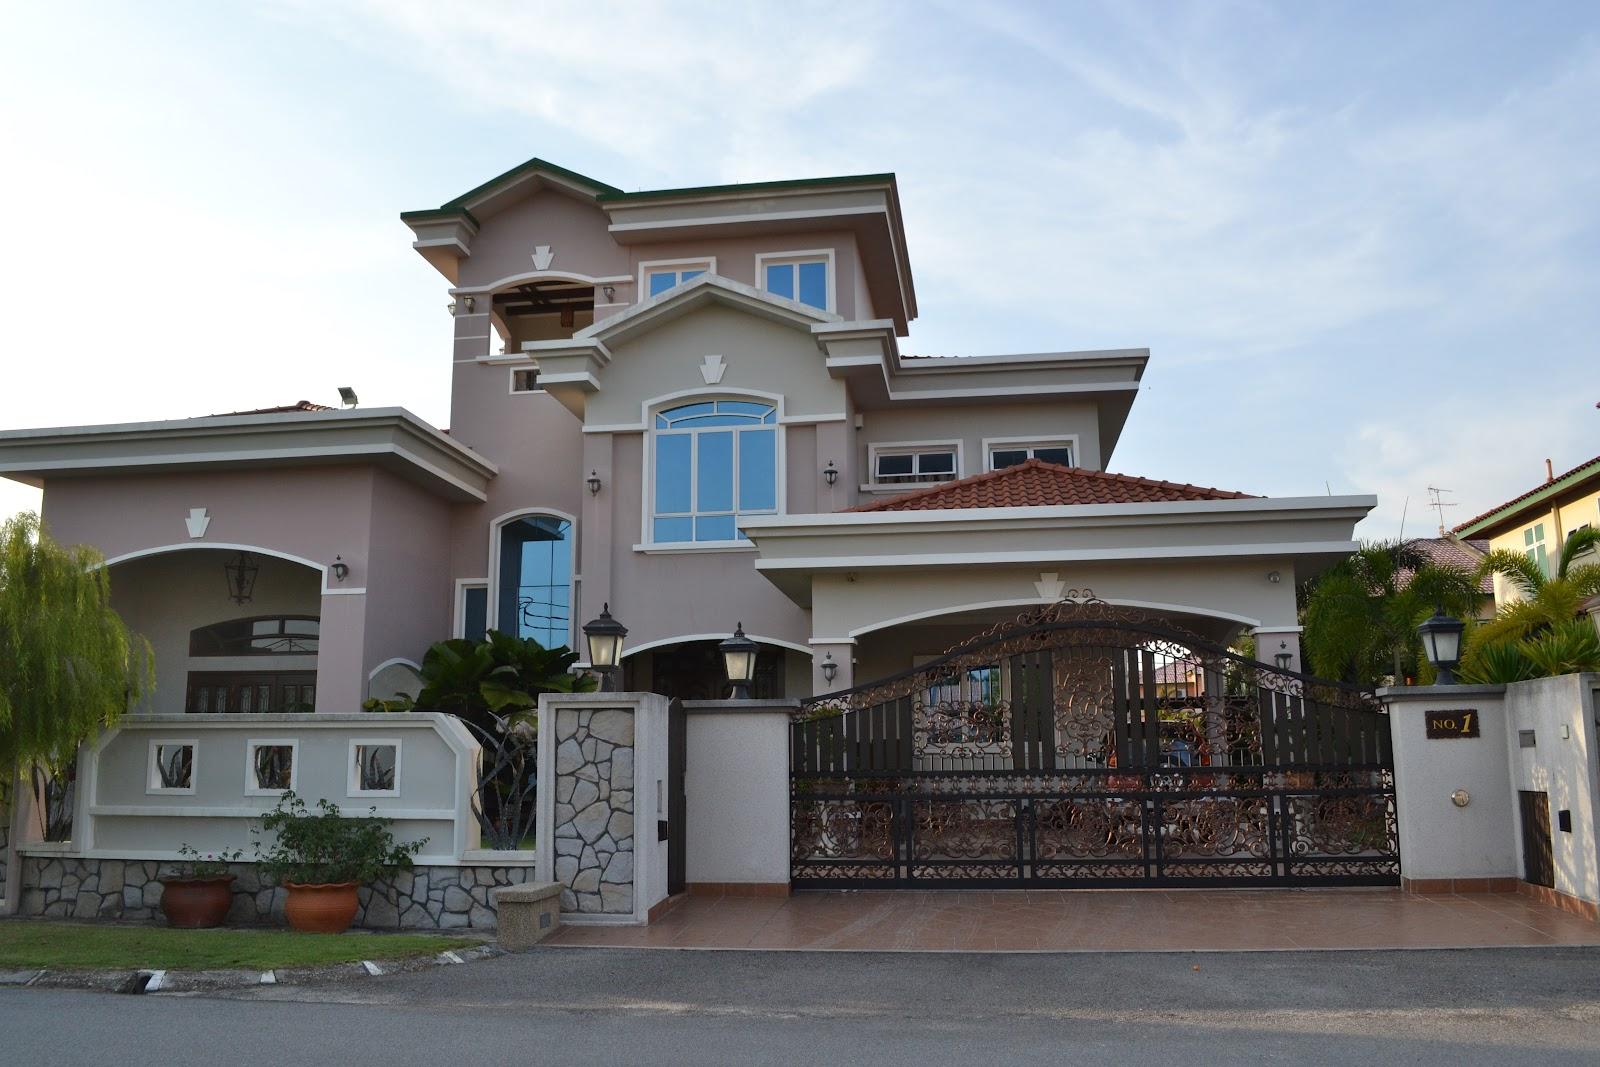 rumah pangsa apartmen rumah pangsa rumah teres dua tingkat rumah